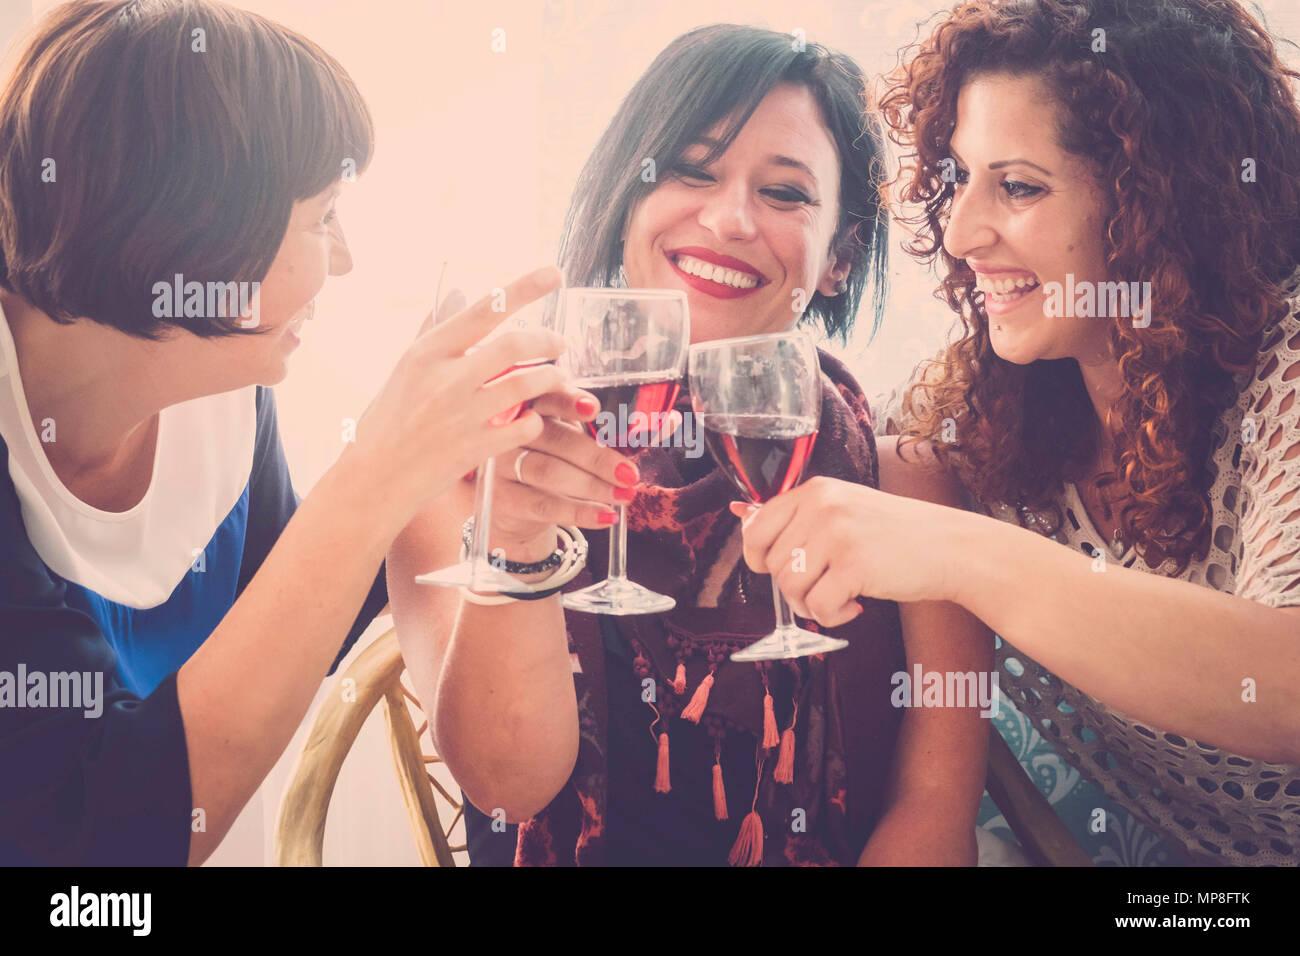 Gruppo di persone a tre giovani donne di bere un po' di vino rosso a casa per celebrare la loro amicizia. Molto divertente e faccine per un giorno di festa Immagini Stock